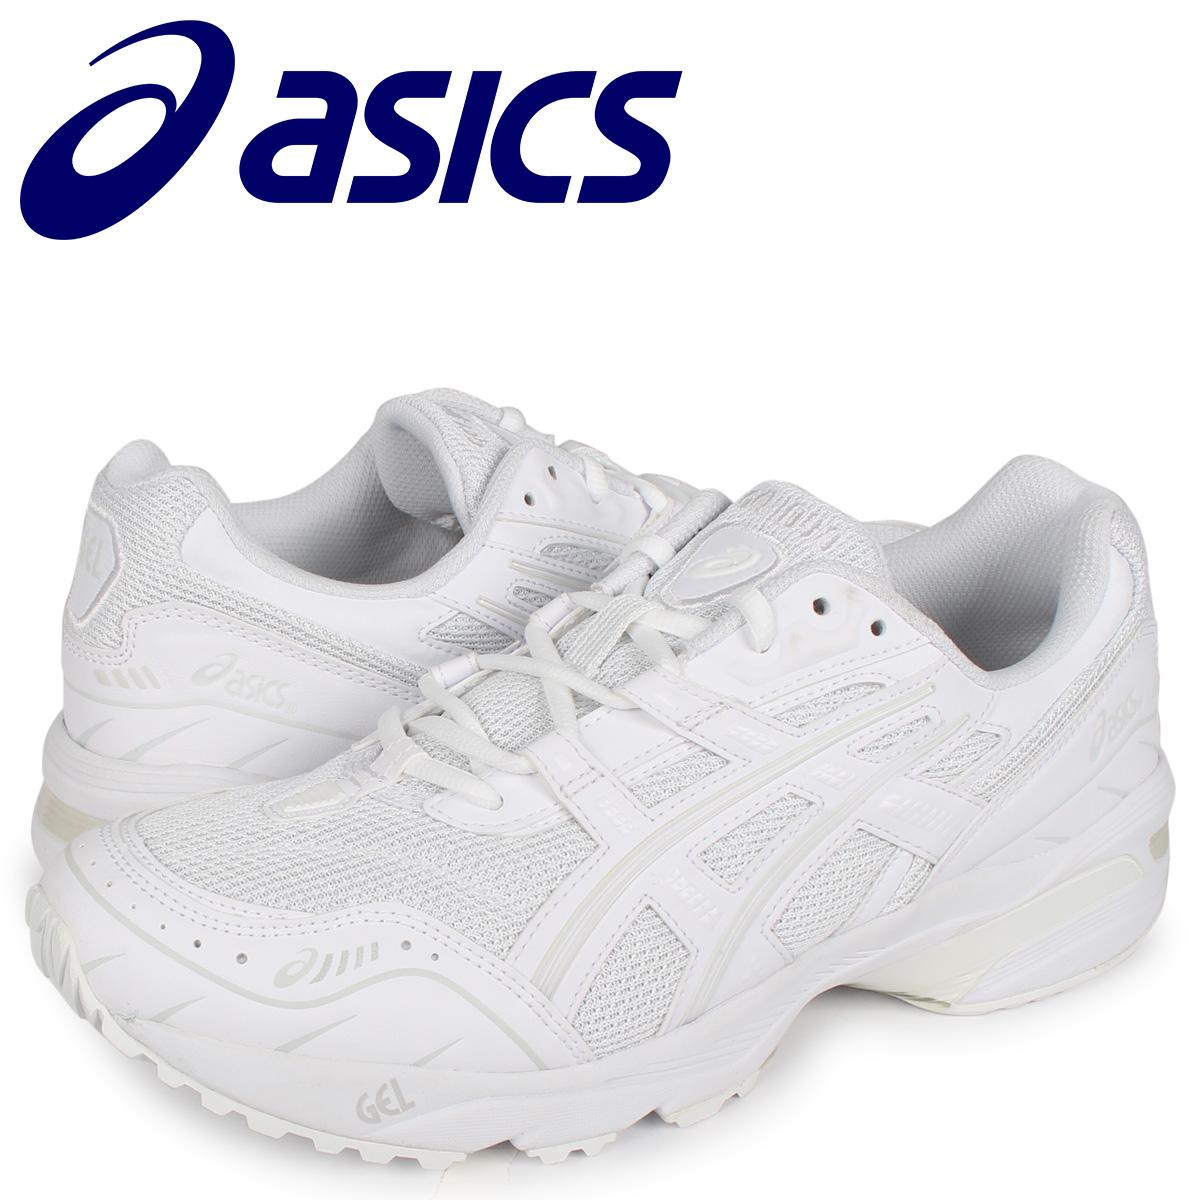 アシックス asics ゲル スニーカー メンズ GEL-1090 ホワイト 白 1021A275-101